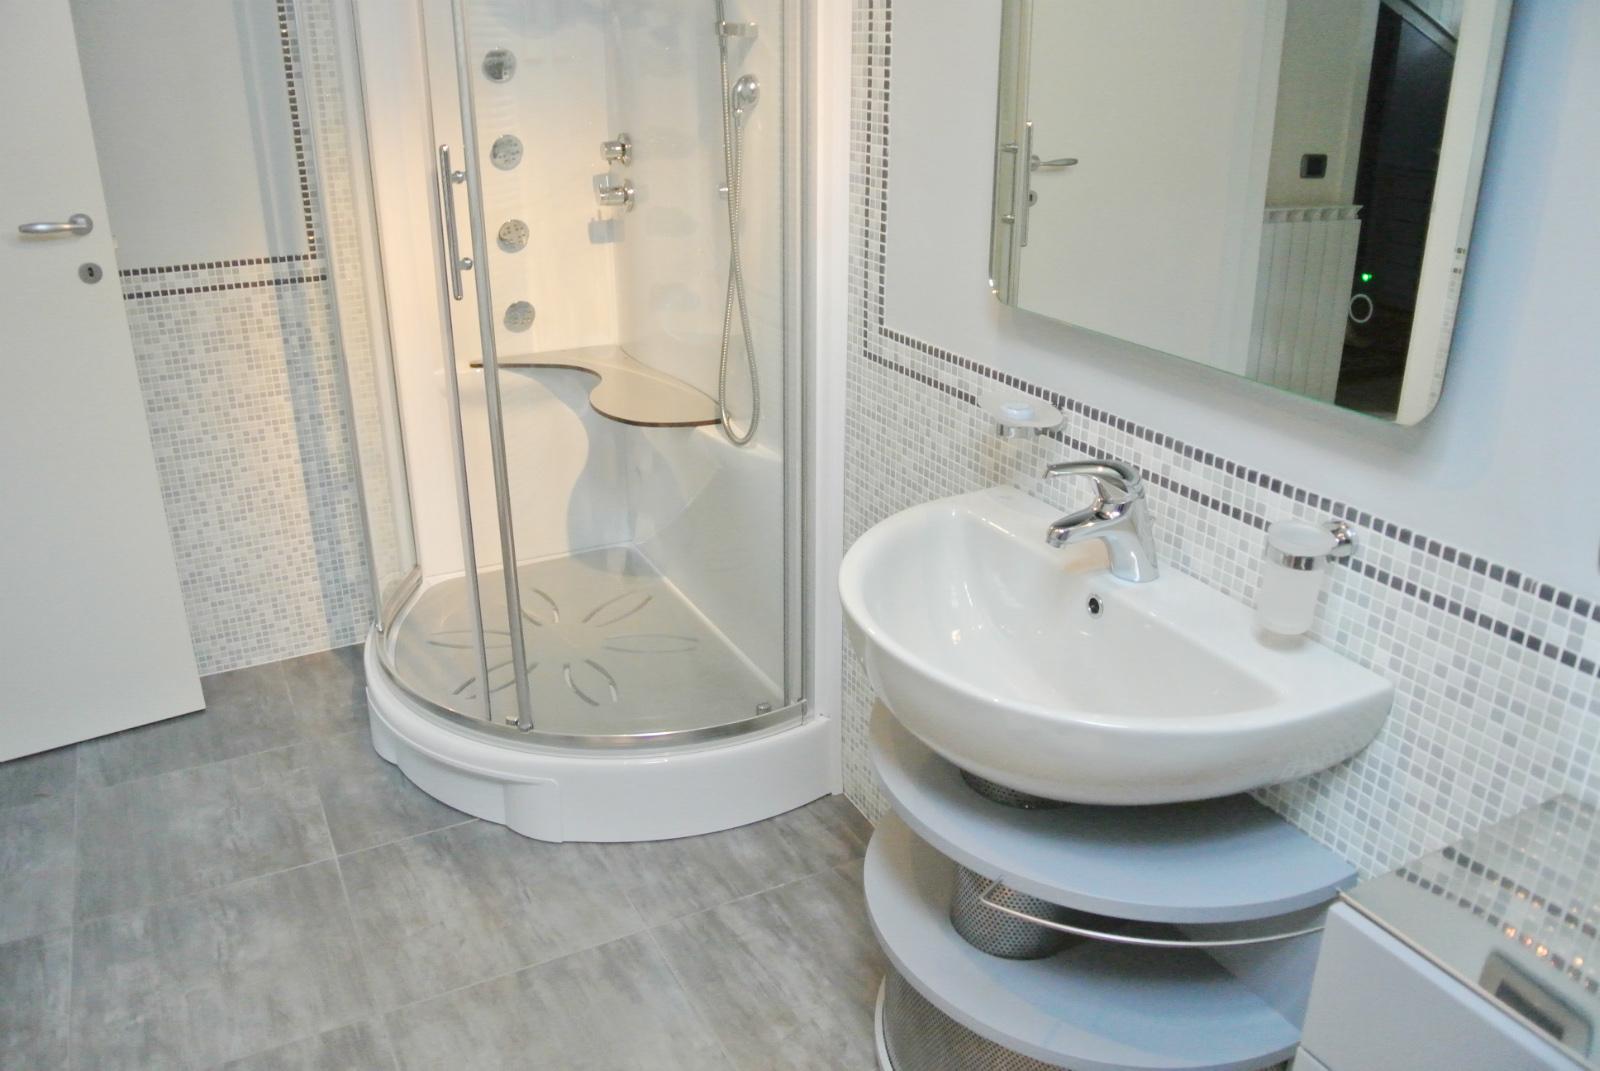 sintesibagno-verbania-arredobagno-svizzera-canton-ticino-lavabo-small-01